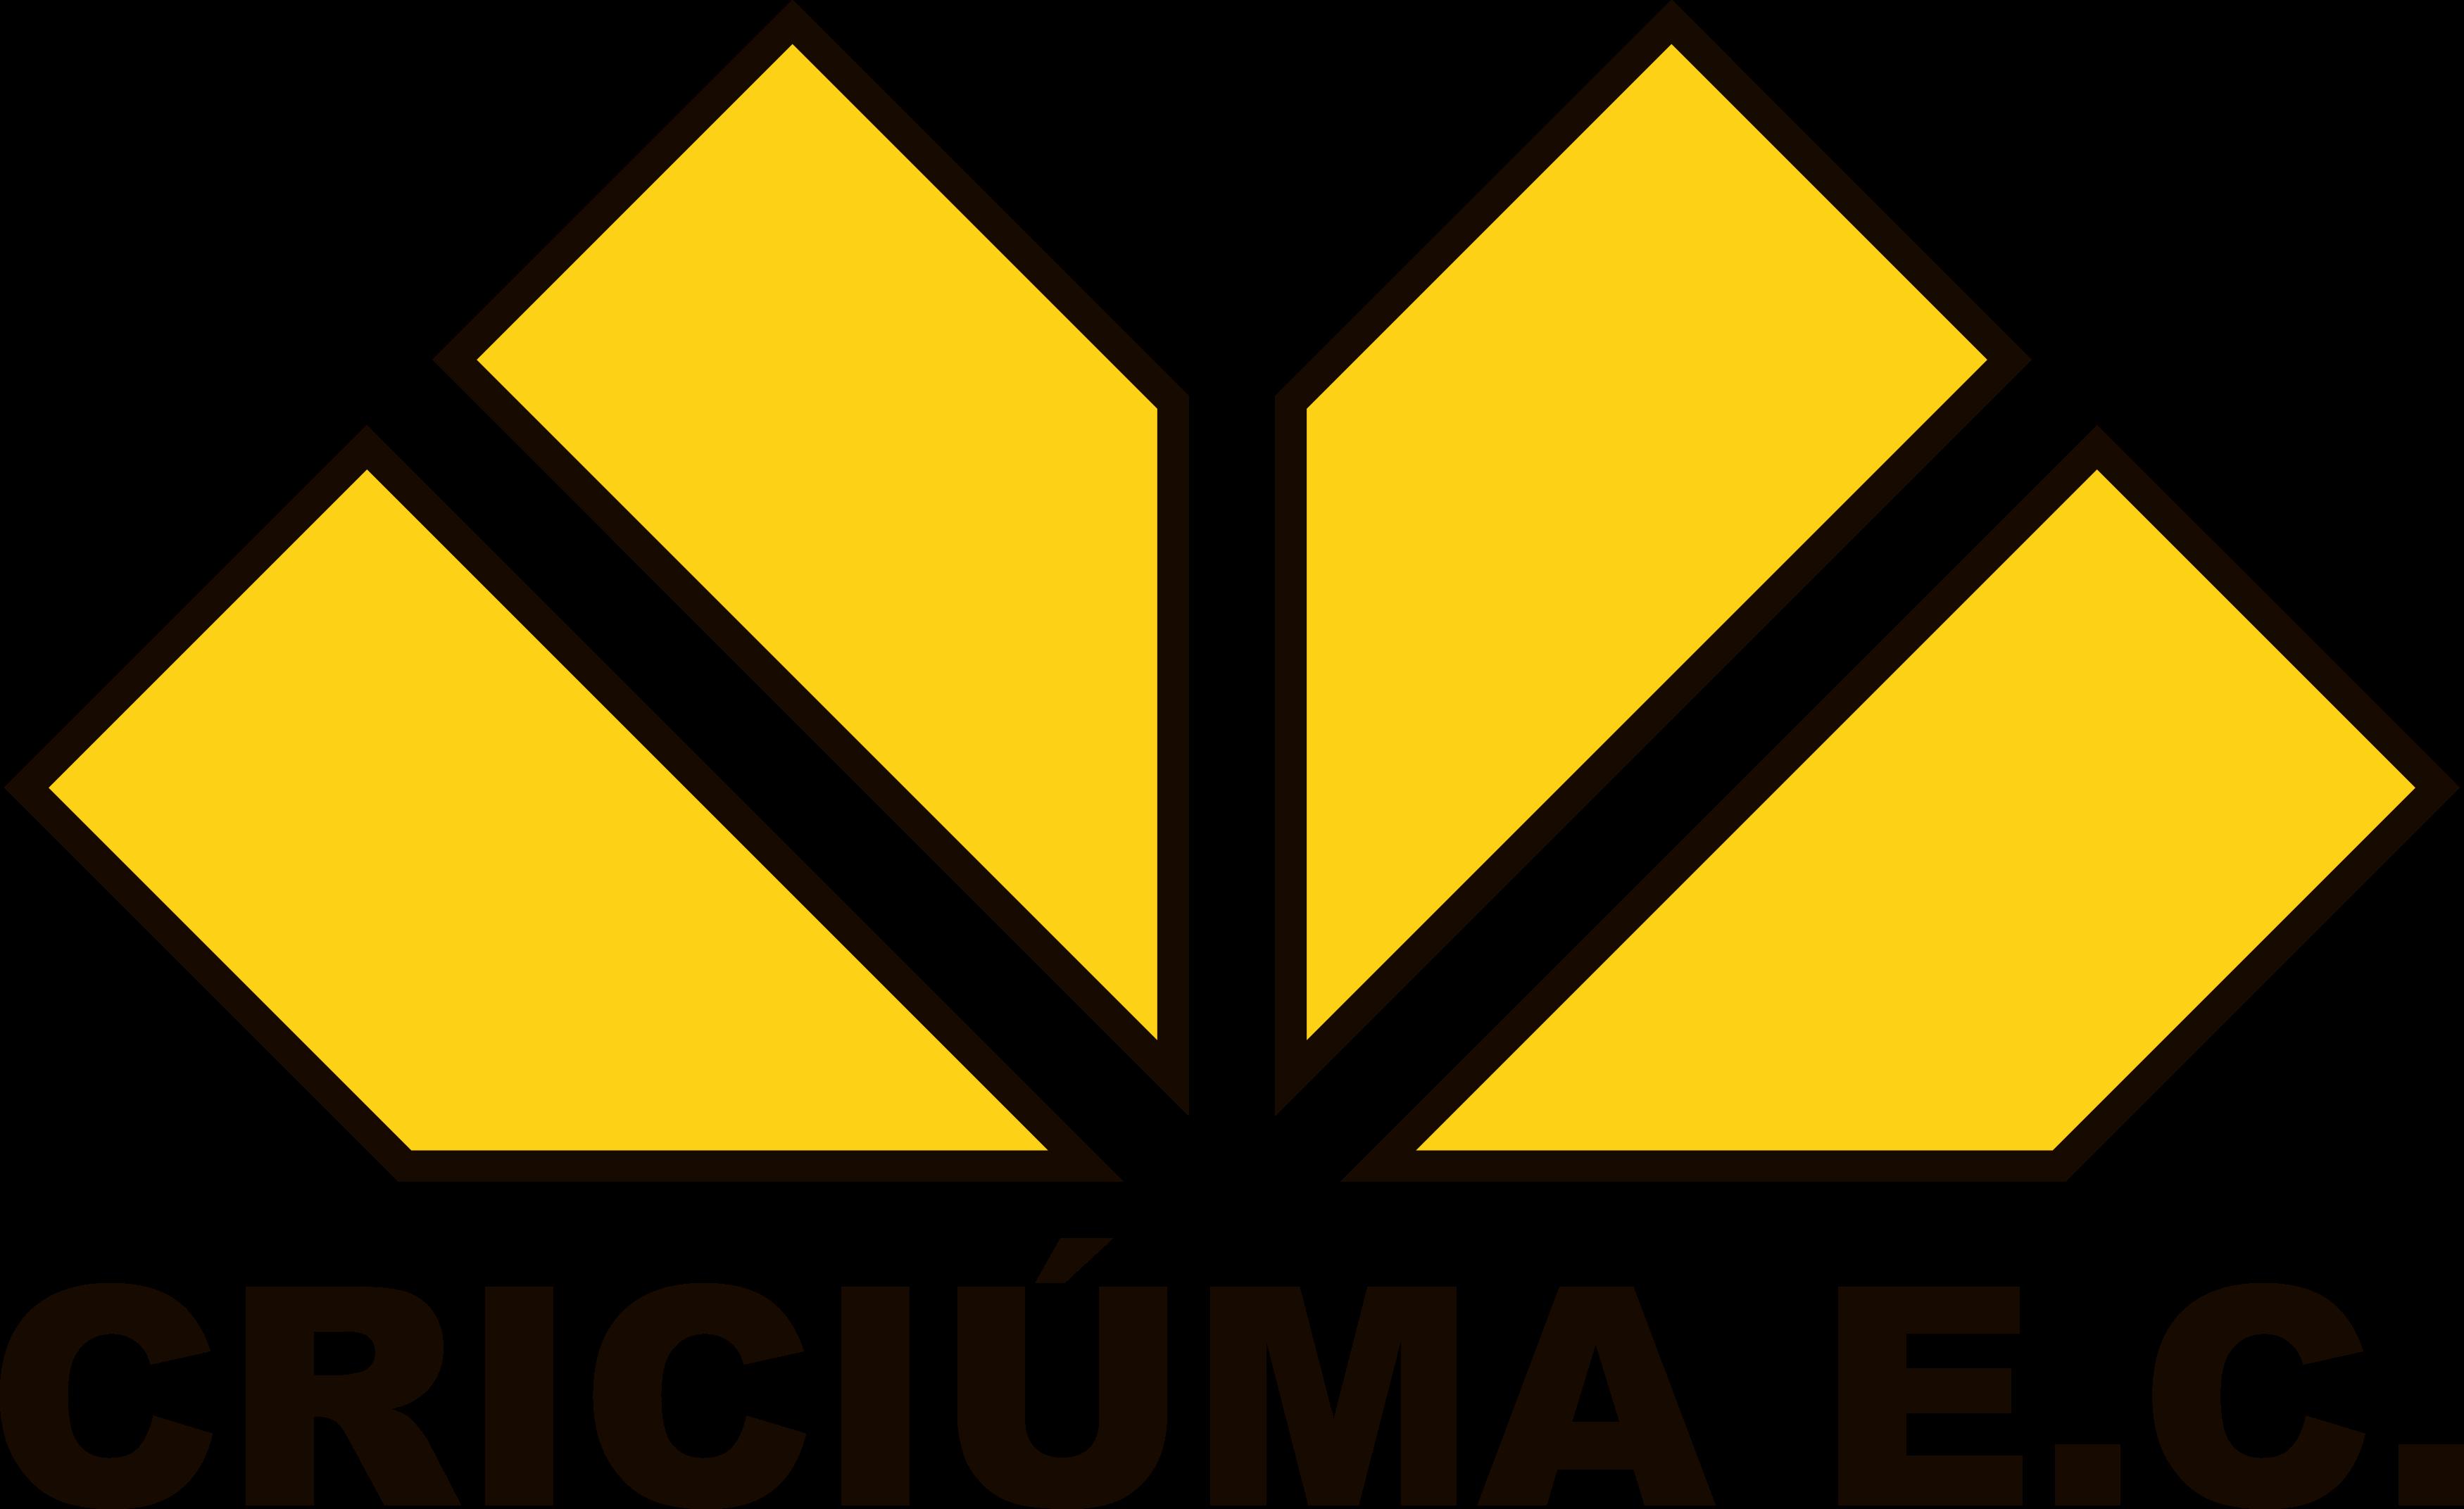 criciuma logo escudo 1 - Criciúma Logo